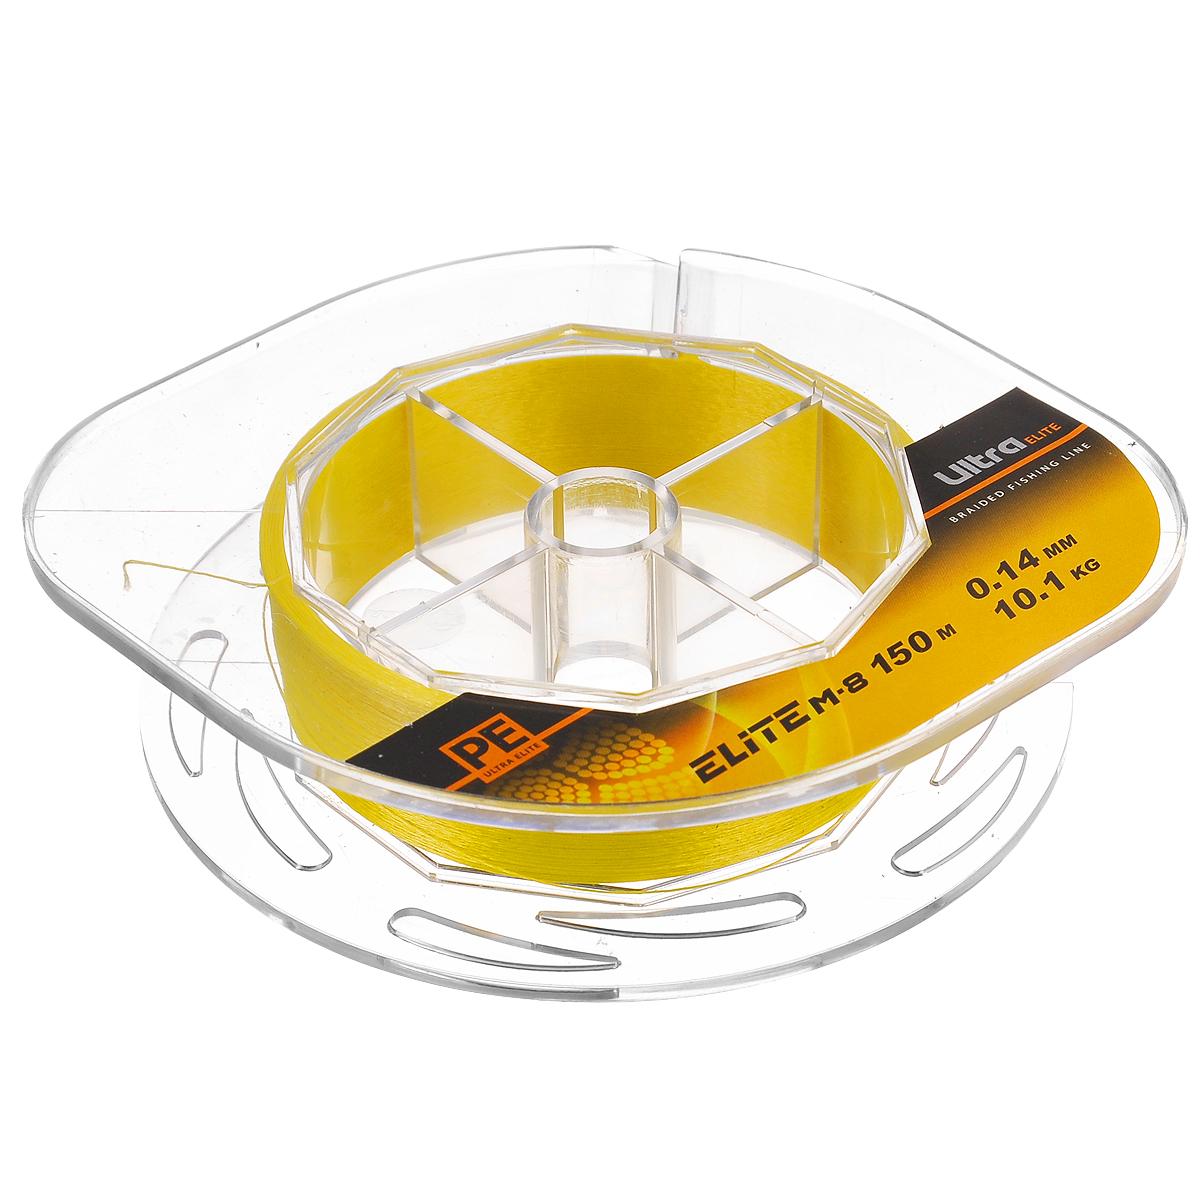 Шнур плетеный Aqua PE Ultra Elite M-8, цвет: желтый, сечение 0,14 мм, длина 150 м10-21-14-YПлетеный шнур Aqua PE Ultra Elite M-8 для спортивной рыбалки изготовлен из 100% материала UHMW PE (ультра-высокомолекулярный пространственно-ориентированный полиэтилен). Идеально круглый шнур из восьми нитей отлично подойдет для самых требовательных рыболовов, не готовых идти ни на какие компромиссы в вопросах выбора снастей. Primary Fiber - первичное волокно диаметром 0,85 микрона. Особенности шнура: Basic Stand - основная нить, состоящая из 30-160 первичных волокон. Braided Line - плетеный шнур, состоящий из 8 основных нитей. Deep Soldering Sea - запатентованная система пропитки и покраски с дополнительной защитой для морской воды. AACP (Anti-Abrasive Coated Protection) - финишное покрытие, защищающее шнур от любого нежелательного механического воздействия. Для привязывания приманки рекомендуется узел Palomar.